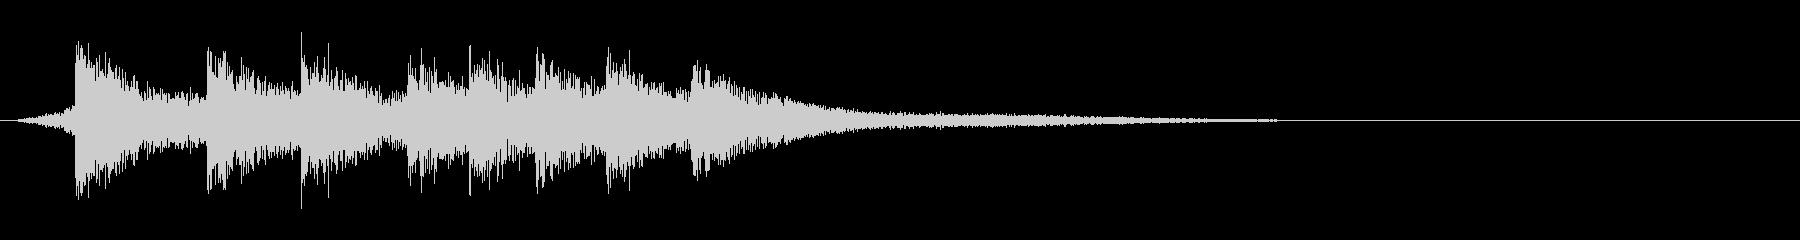 ピロリ(アプリ、ゲーム)の未再生の波形